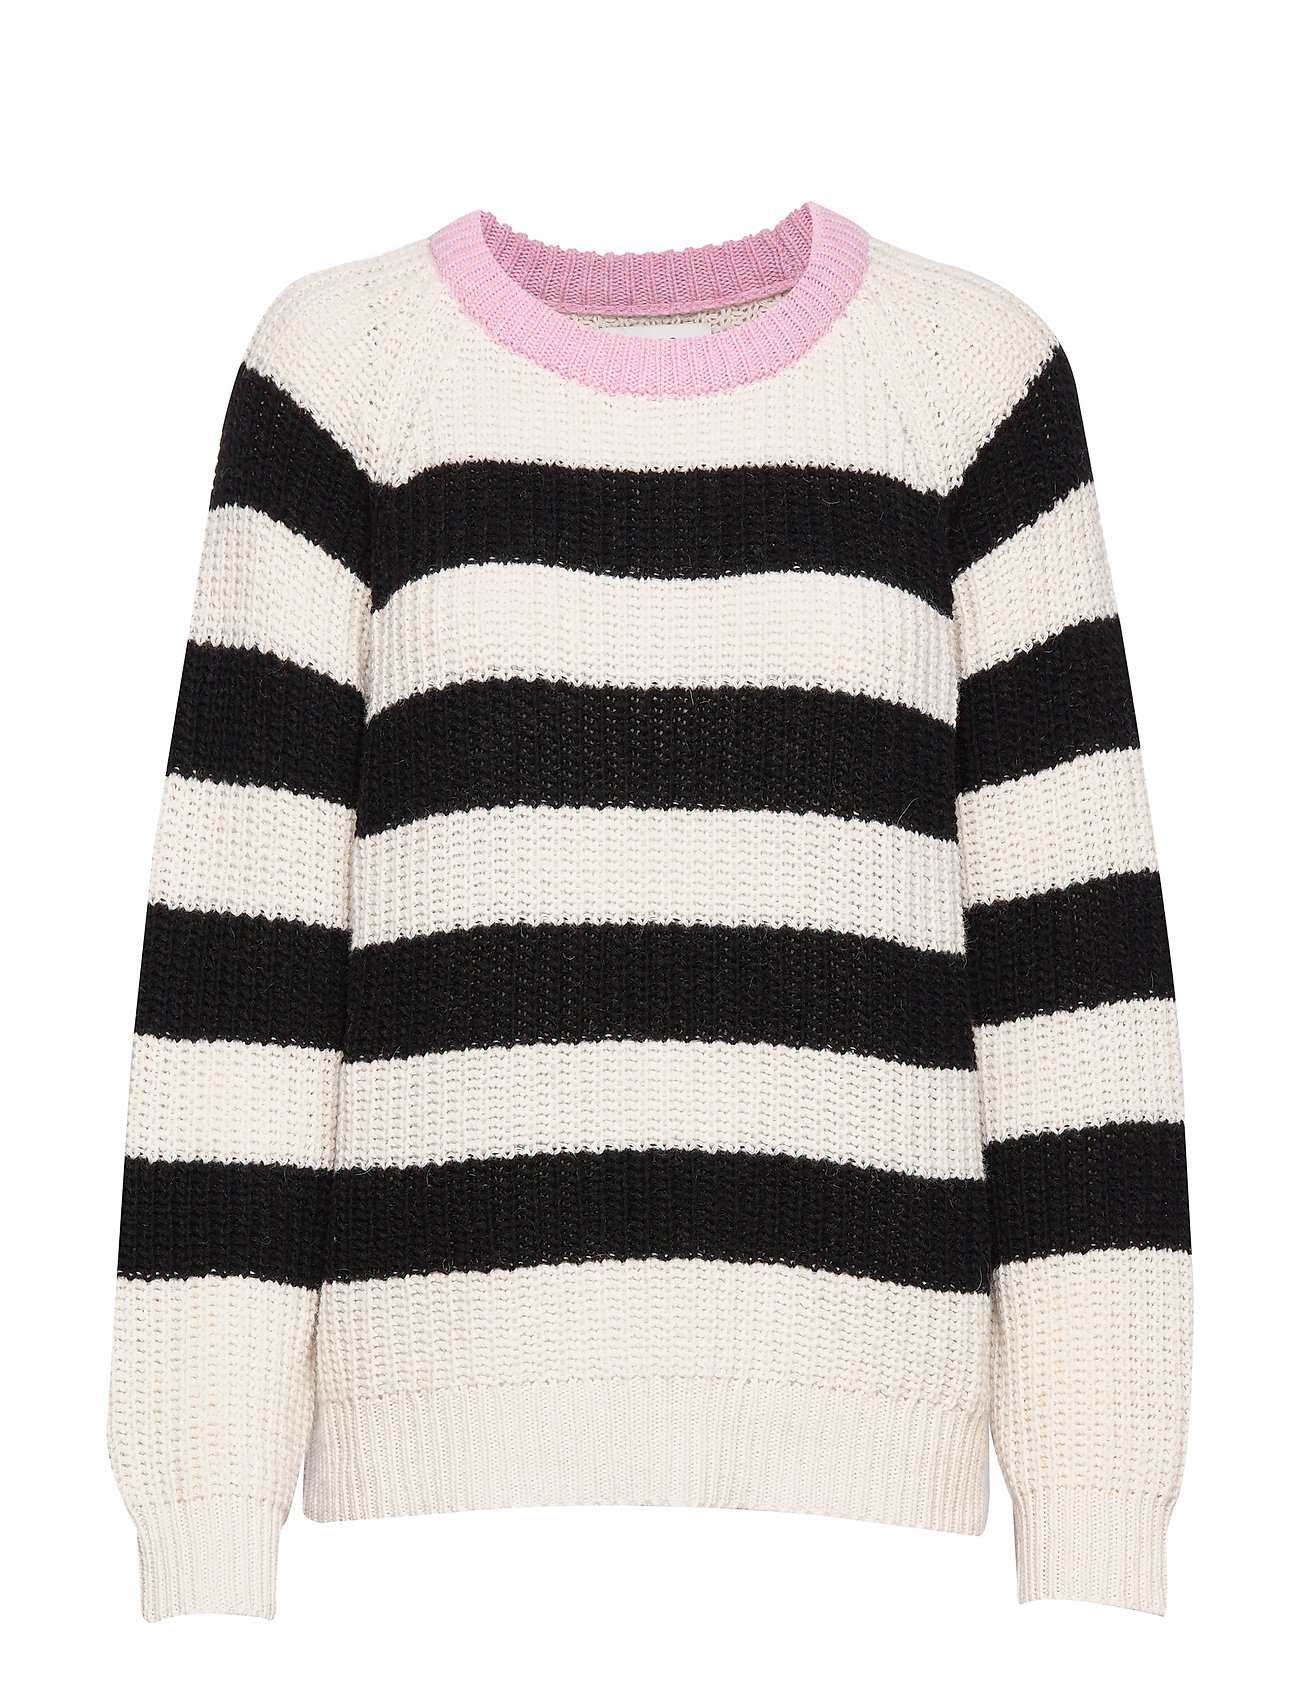 Mads Nørgaard Recycled Favorite Wool Ketty - ECRU/BLACK/ROSE